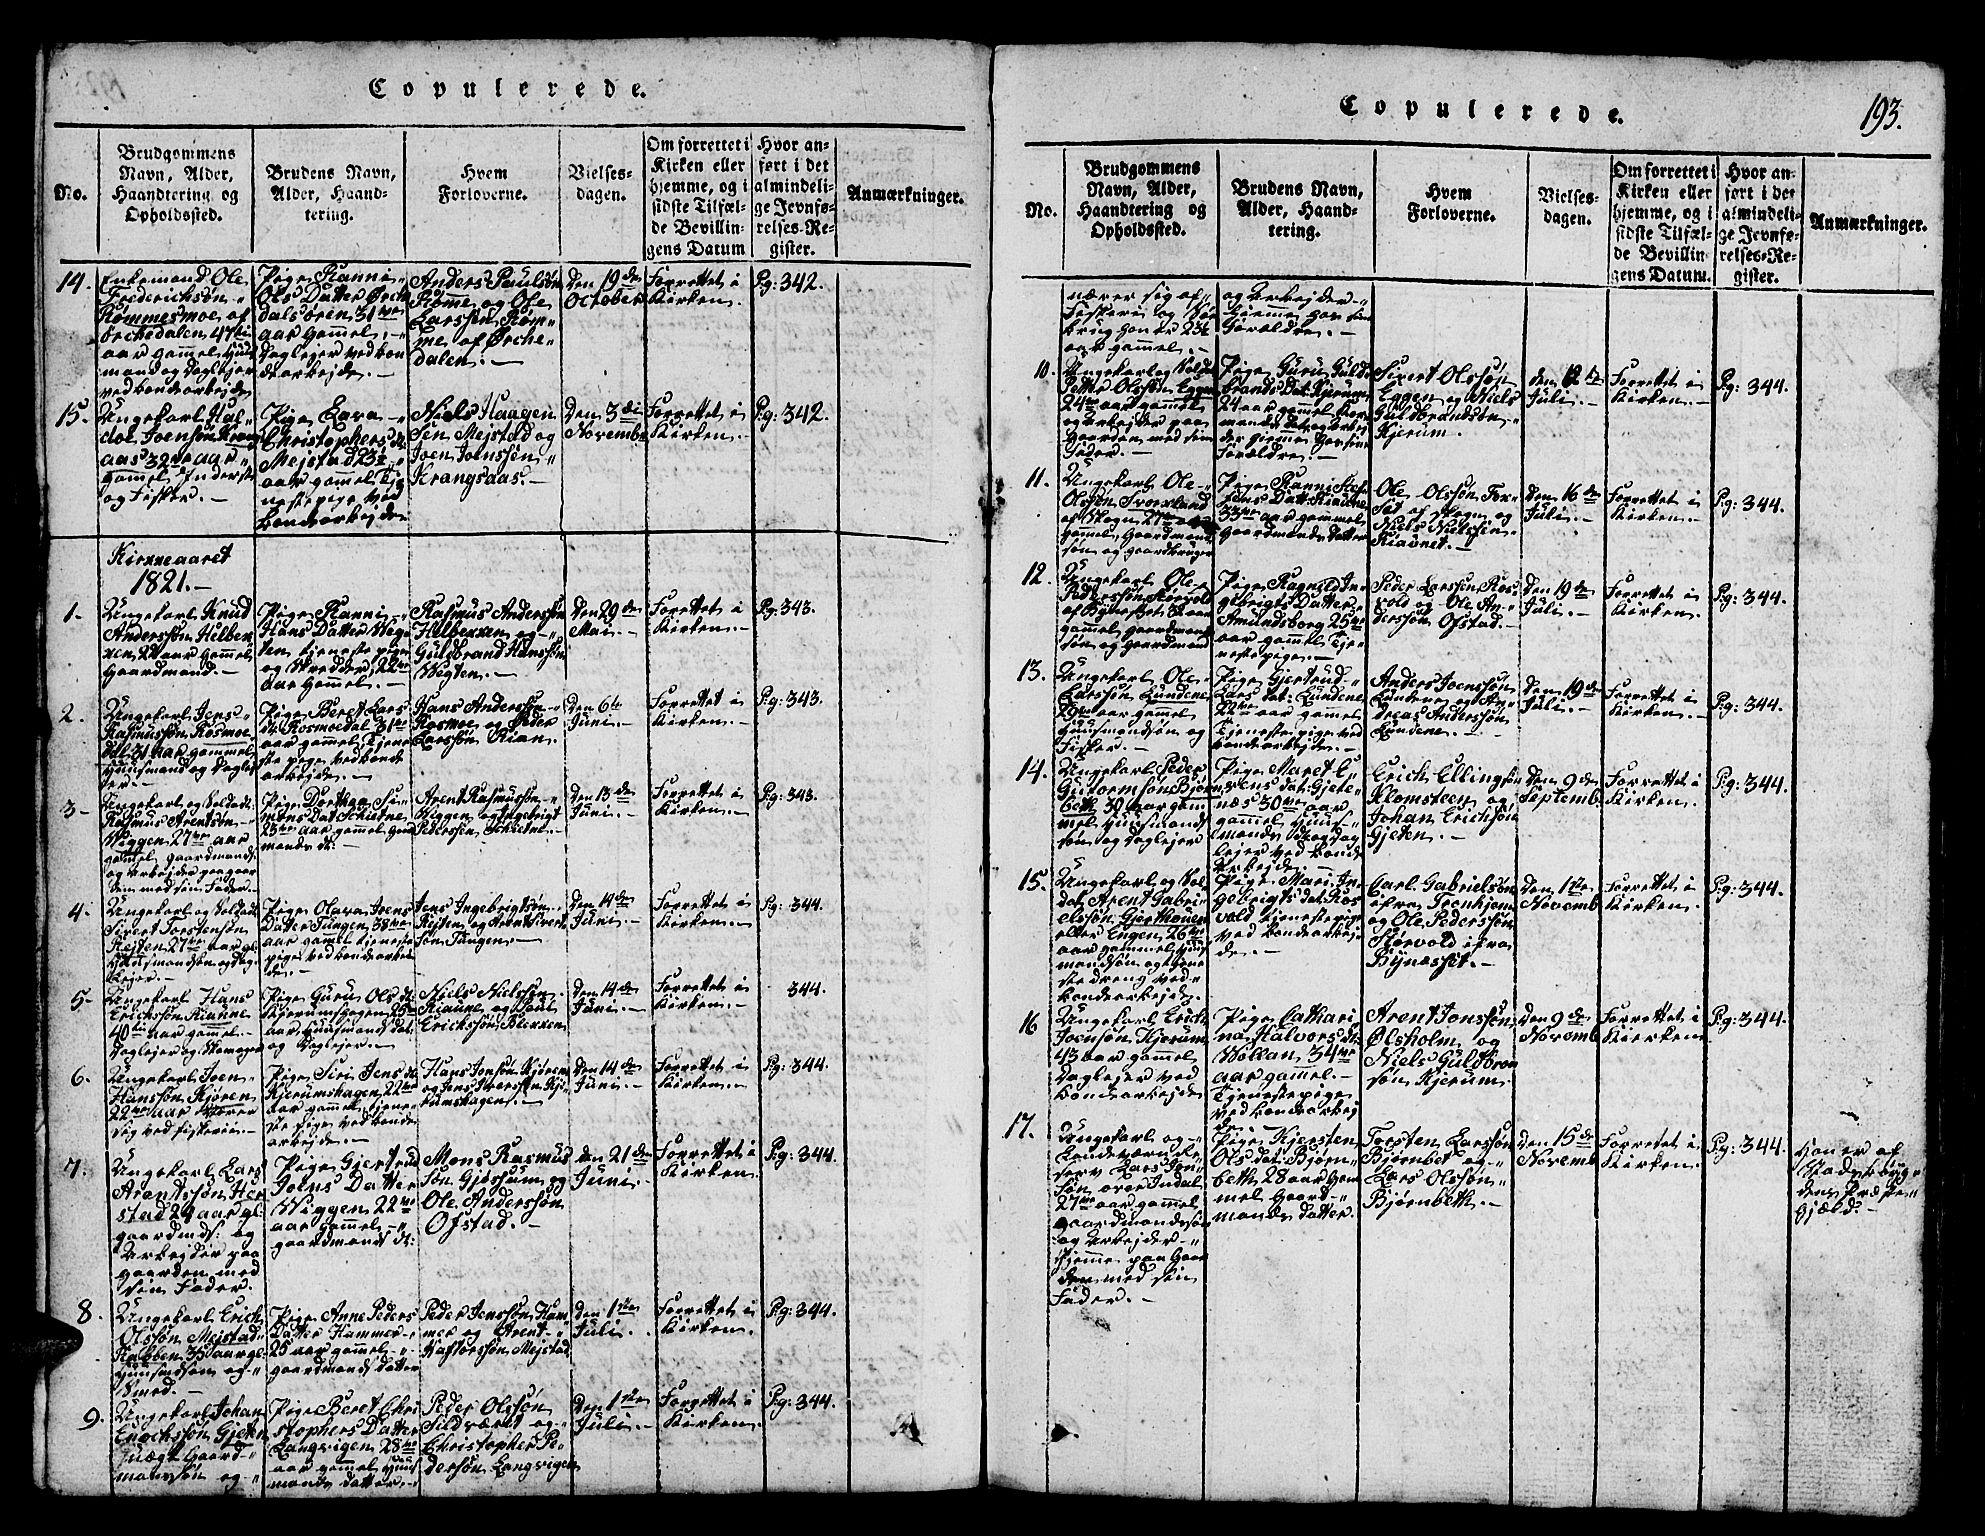 SAT, Ministerialprotokoller, klokkerbøker og fødselsregistre - Sør-Trøndelag, 665/L0776: Klokkerbok nr. 665C01, 1817-1837, s. 193